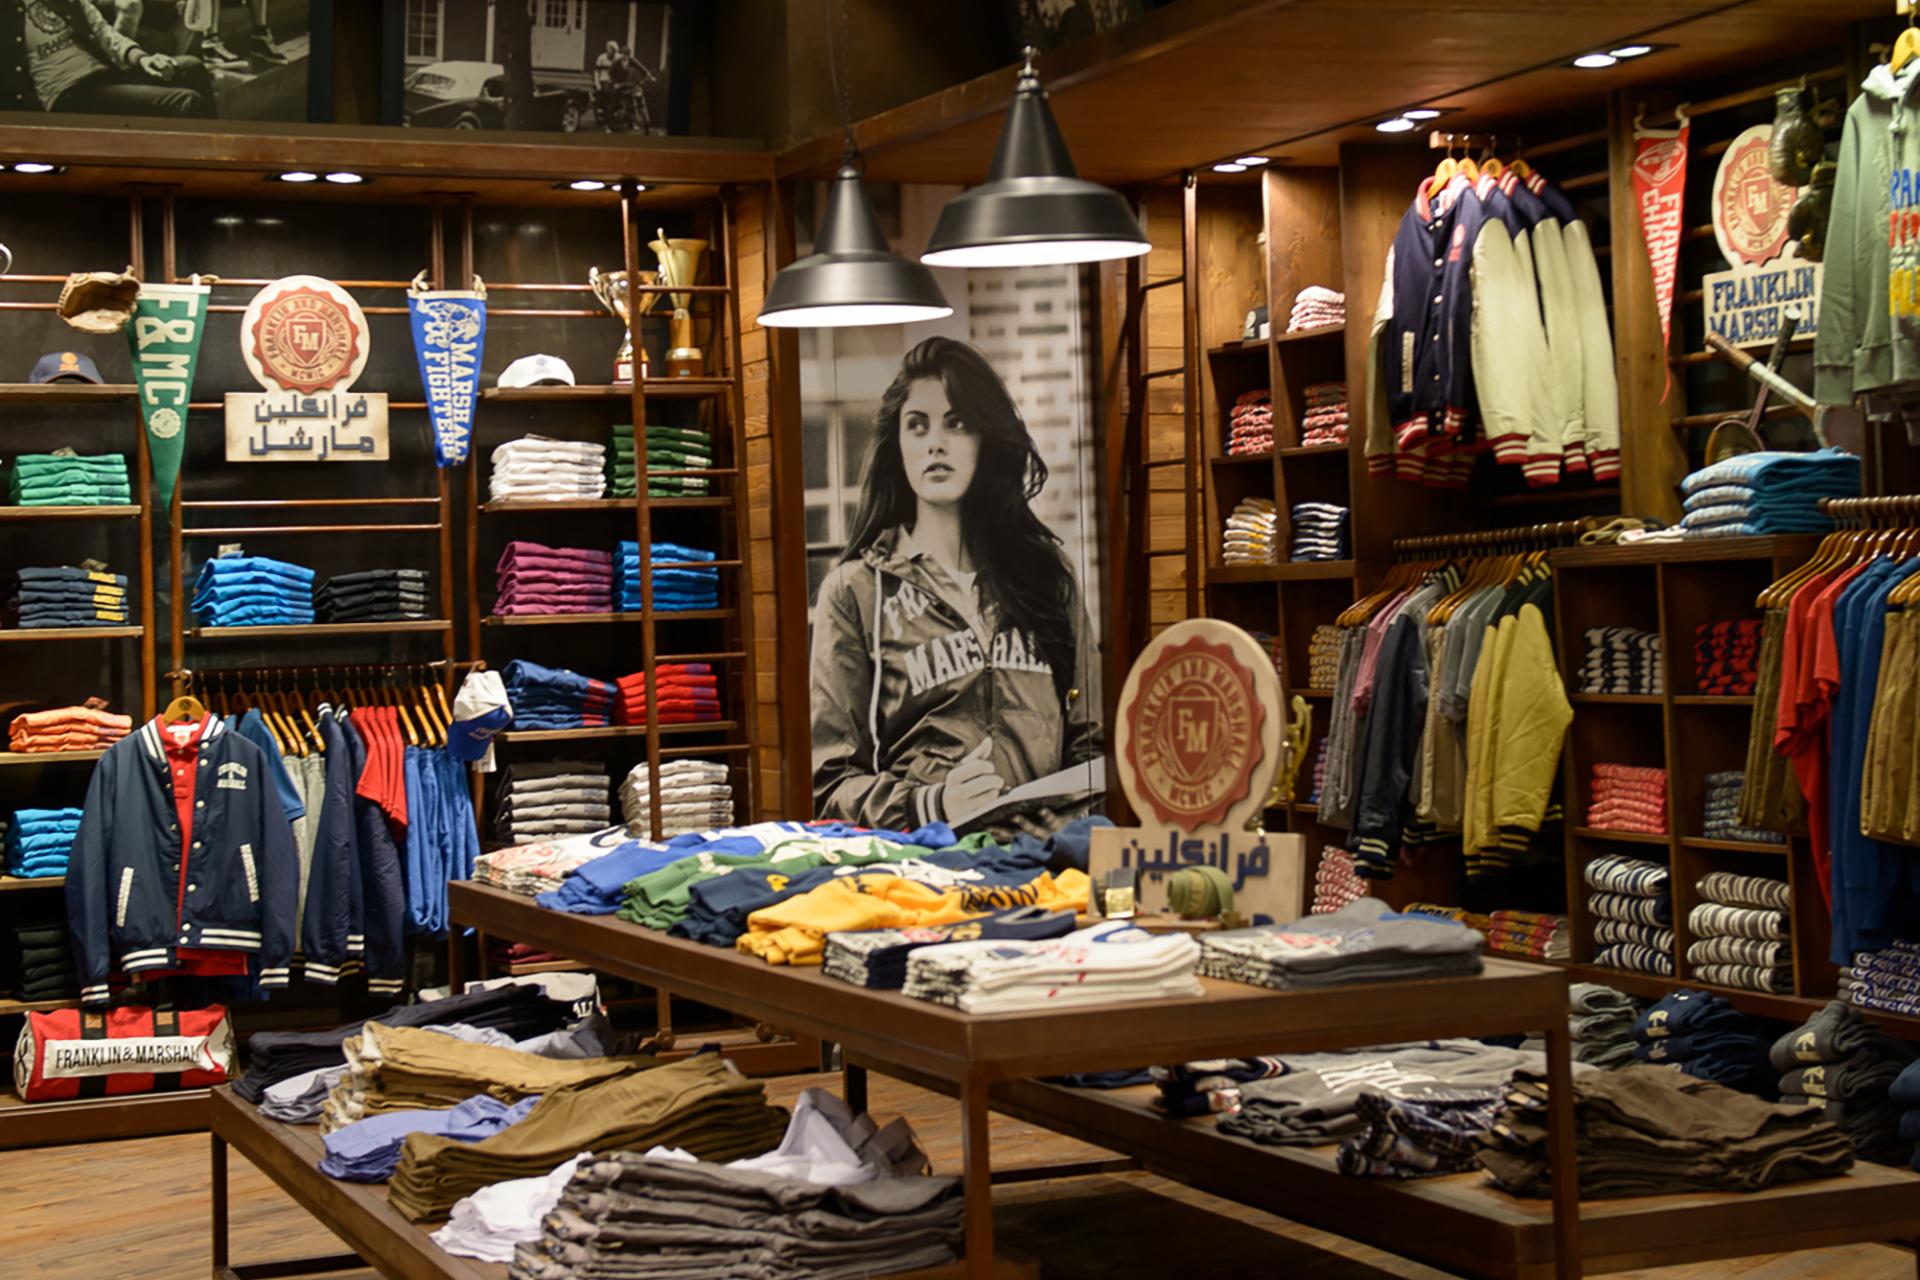 Arredamento negozio FM Dubai